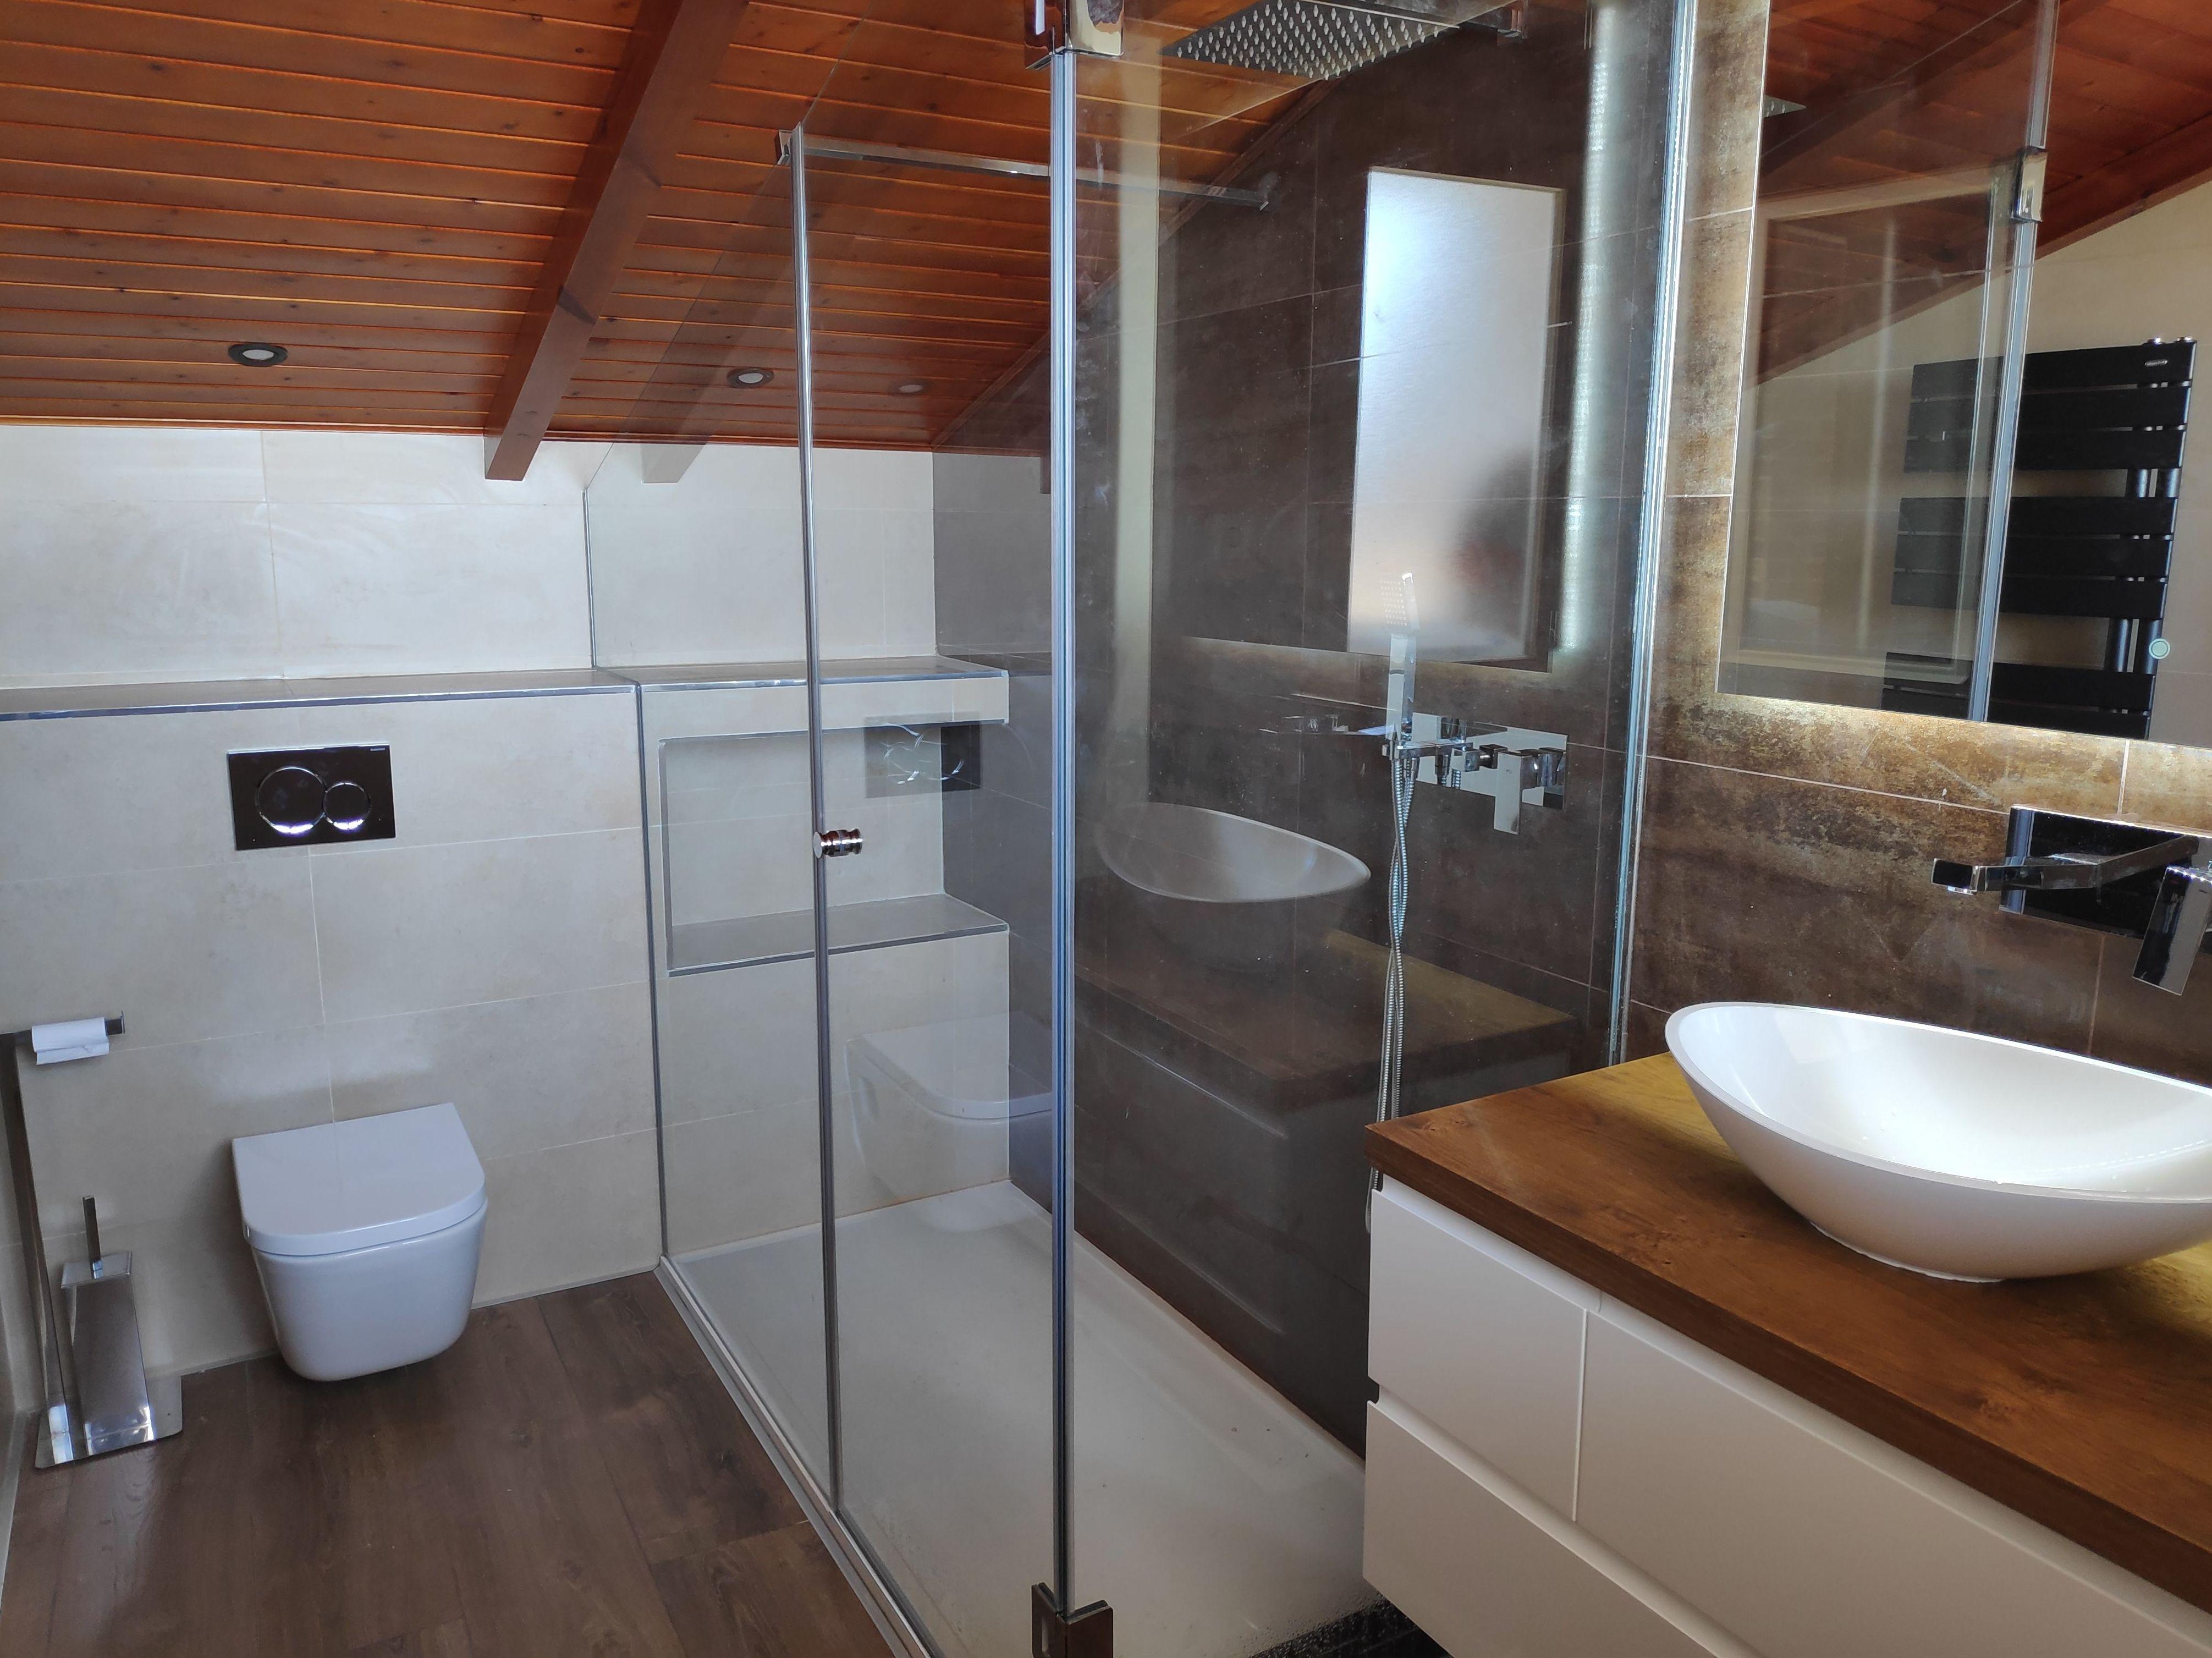 Mamparas a medida, baños totalmente personalizados